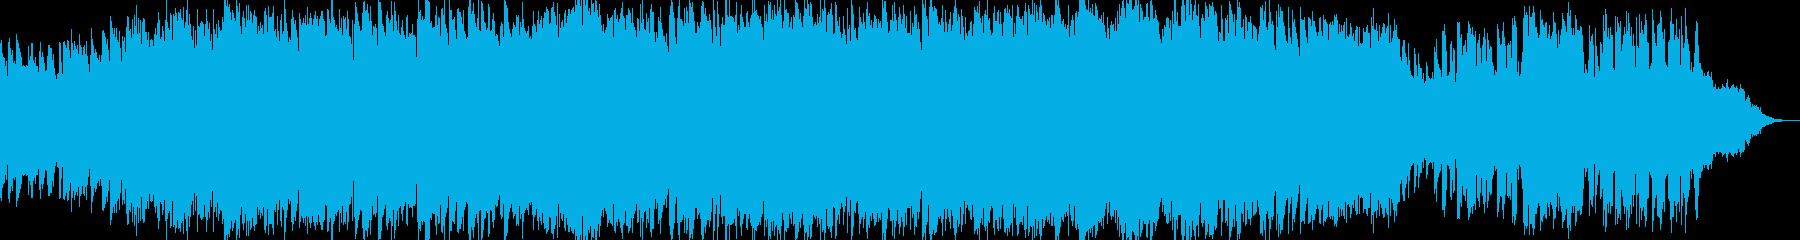 激しくも切ないピアノアンビエントBGMの再生済みの波形